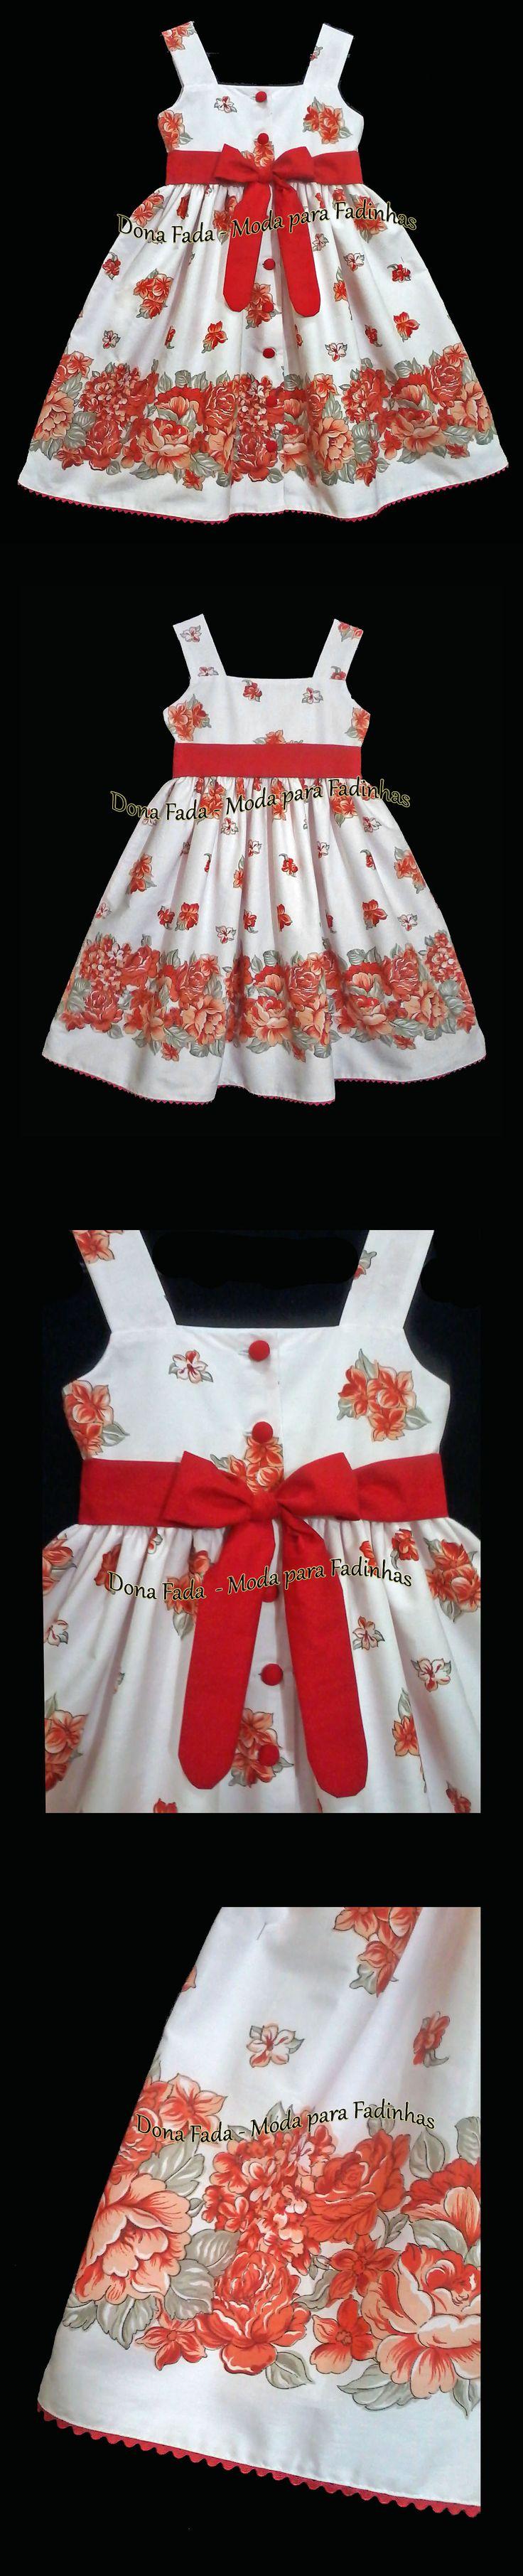 Vestido Floral vermelho - 9/10  anos_______________baby - infant - toddler - kids - clothes for girls - - - https://www.facebook.com/dona.fada.moda.para.fadinhas/